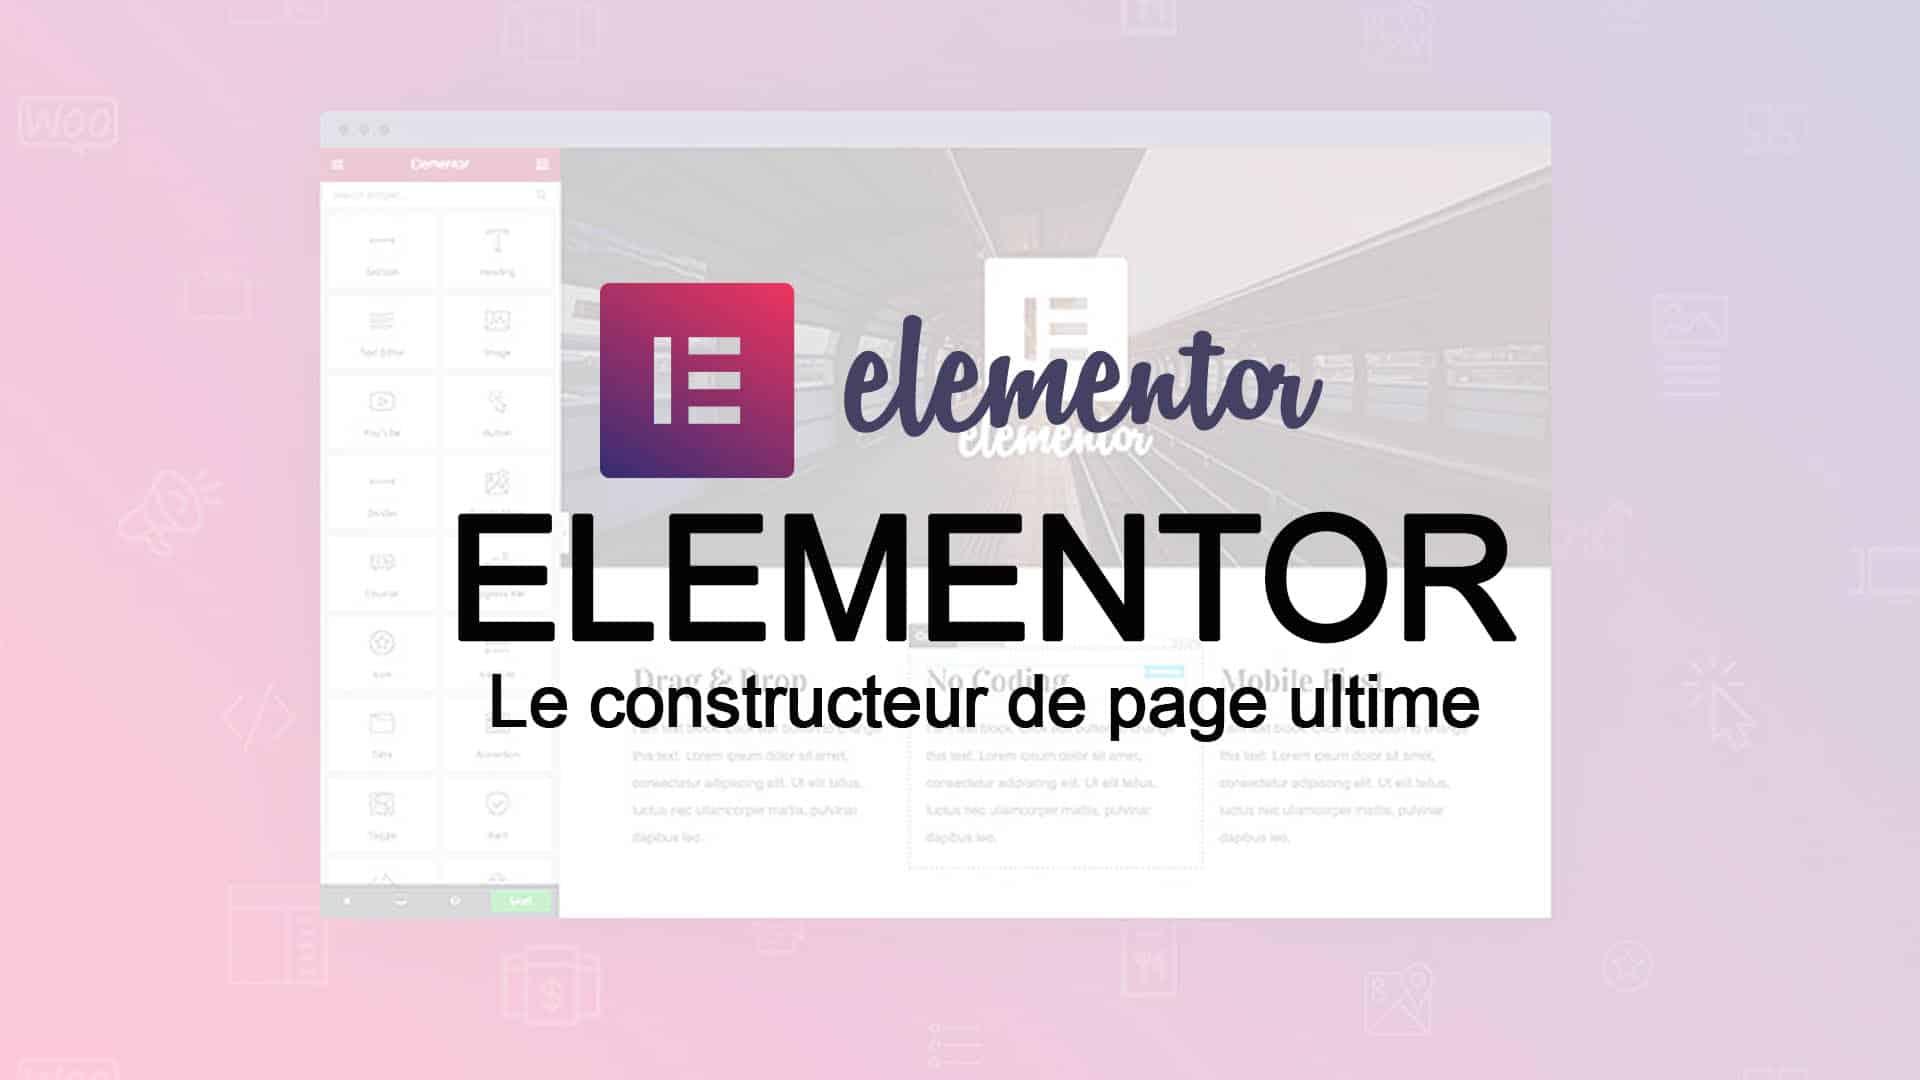 Le constructeur de page elementor permet de faire des pages et articles sur wordpress.